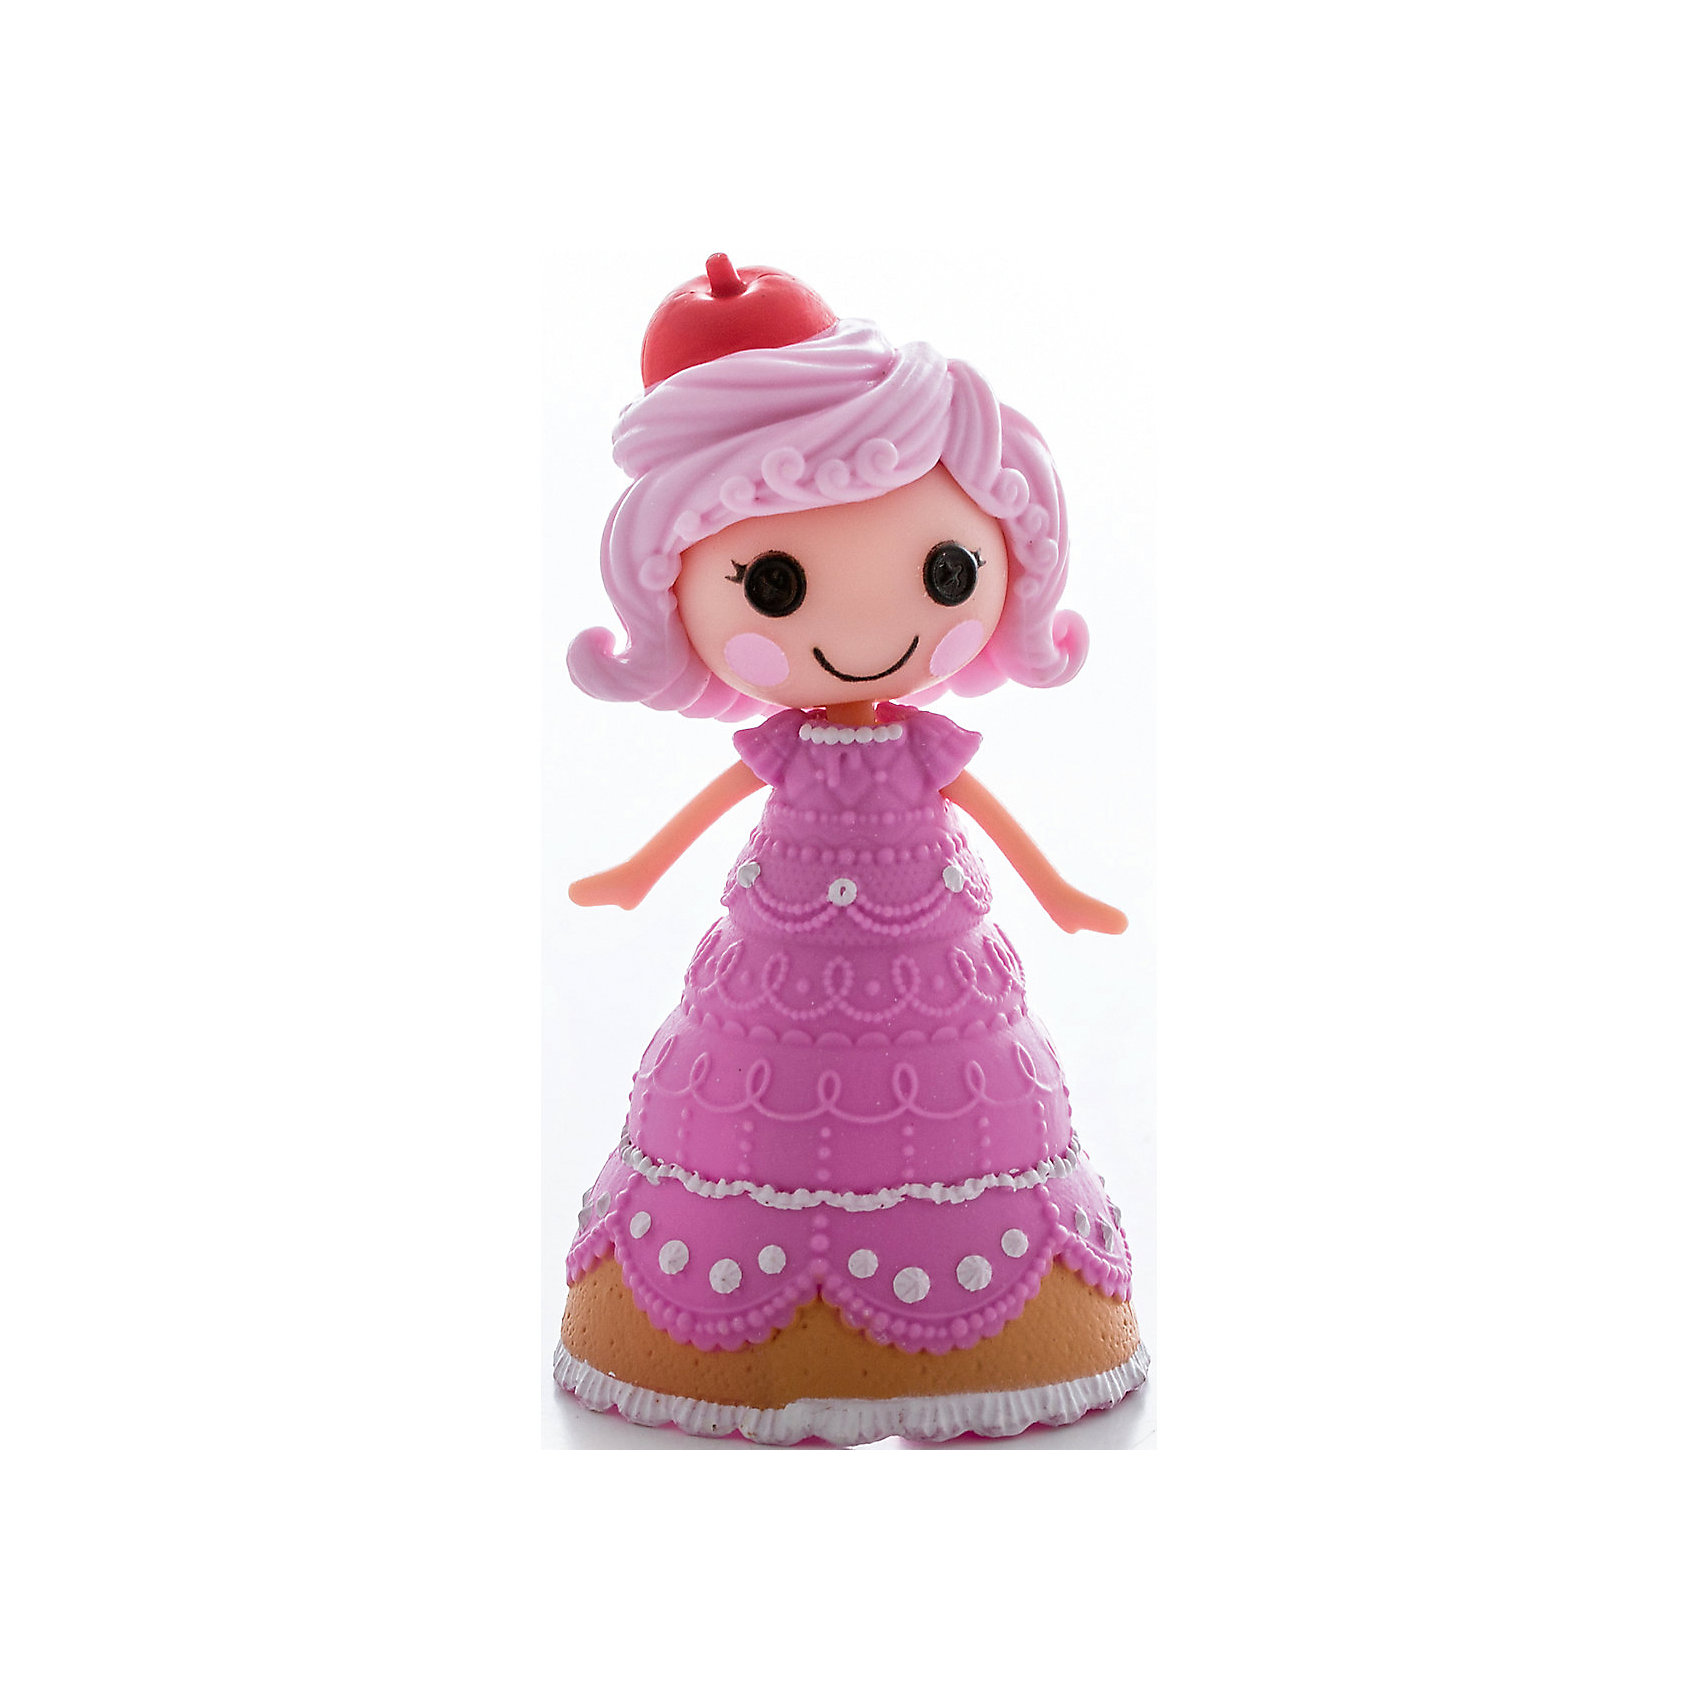 Кукла Кондитерская, Мини-ЛалалупсиХарактеристики товара:<br><br>- цвет: разноцветный;<br>- материал: пластик;<br>- подвижные части тела;<br>- комплектация: кукла, аксессуары;<br>- размер упаковки: 18х14х4 см.<br>- размер куклы: 7,5 см.<br><br>Эти симпатичные куклы Мини-Лалалупси от известного бренда не оставят девочку равнодушной! Какая девочка сможет отказаться поиграть с куклами, которых можно переодевать и менять им прически благодаря набору аксессуаров?! В комплект входят наряды, аксессуары, обувь и парики. Игрушка очень качественно выполнена, поэтому она станет замечательным подарком ребенку. <br>Продается набор в красивой удобной упаковке. Изделие произведено из высококачественного материала, безопасного для детей.<br><br>Куклу Кондитерская, Мини-Лалалупси, можно купить в нашем интернет-магазине.<br><br>Ширина мм: 200<br>Глубина мм: 210<br>Высота мм: 60<br>Вес г: 163<br>Возраст от месяцев: 36<br>Возраст до месяцев: 2147483647<br>Пол: Женский<br>Возраст: Детский<br>SKU: 5140220